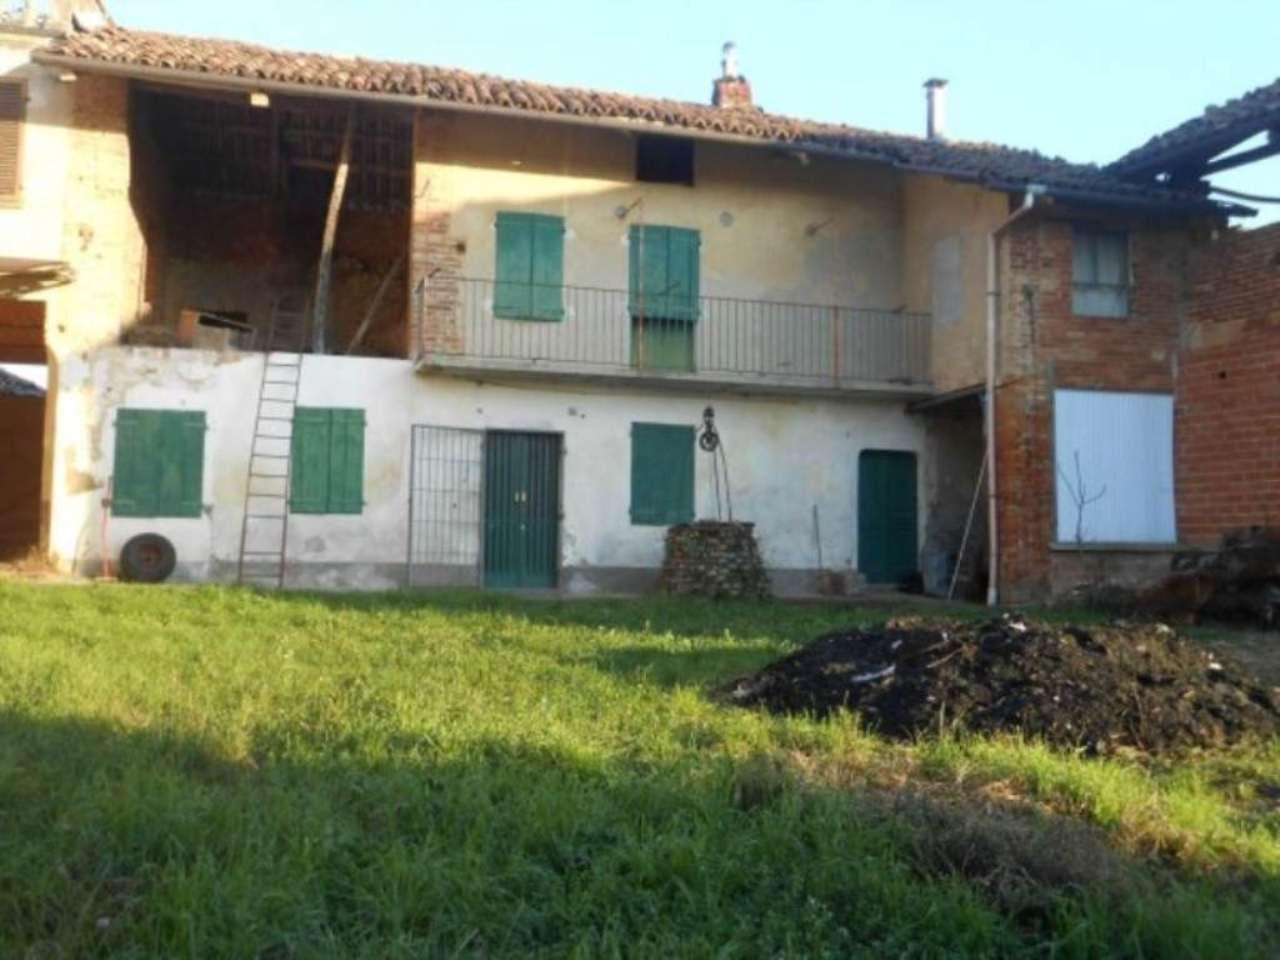 Rustico / Casale in vendita a Passerano Marmorito, 6 locali, prezzo € 39.000 | Cambio Casa.it